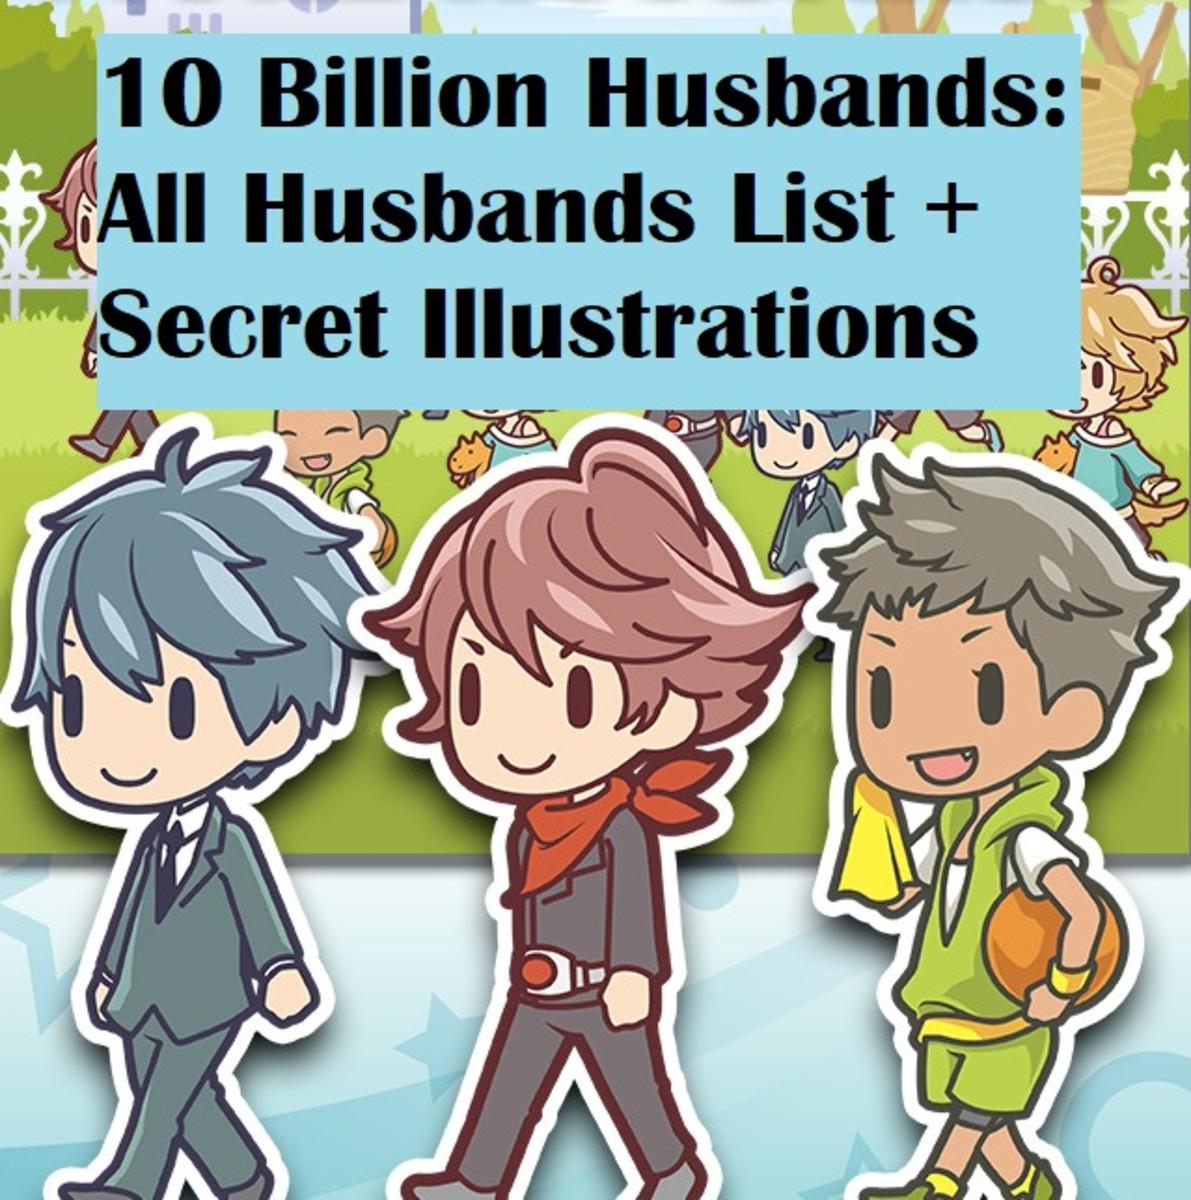 10 Billion Husbands: All Husbands List + Secret Illustrations